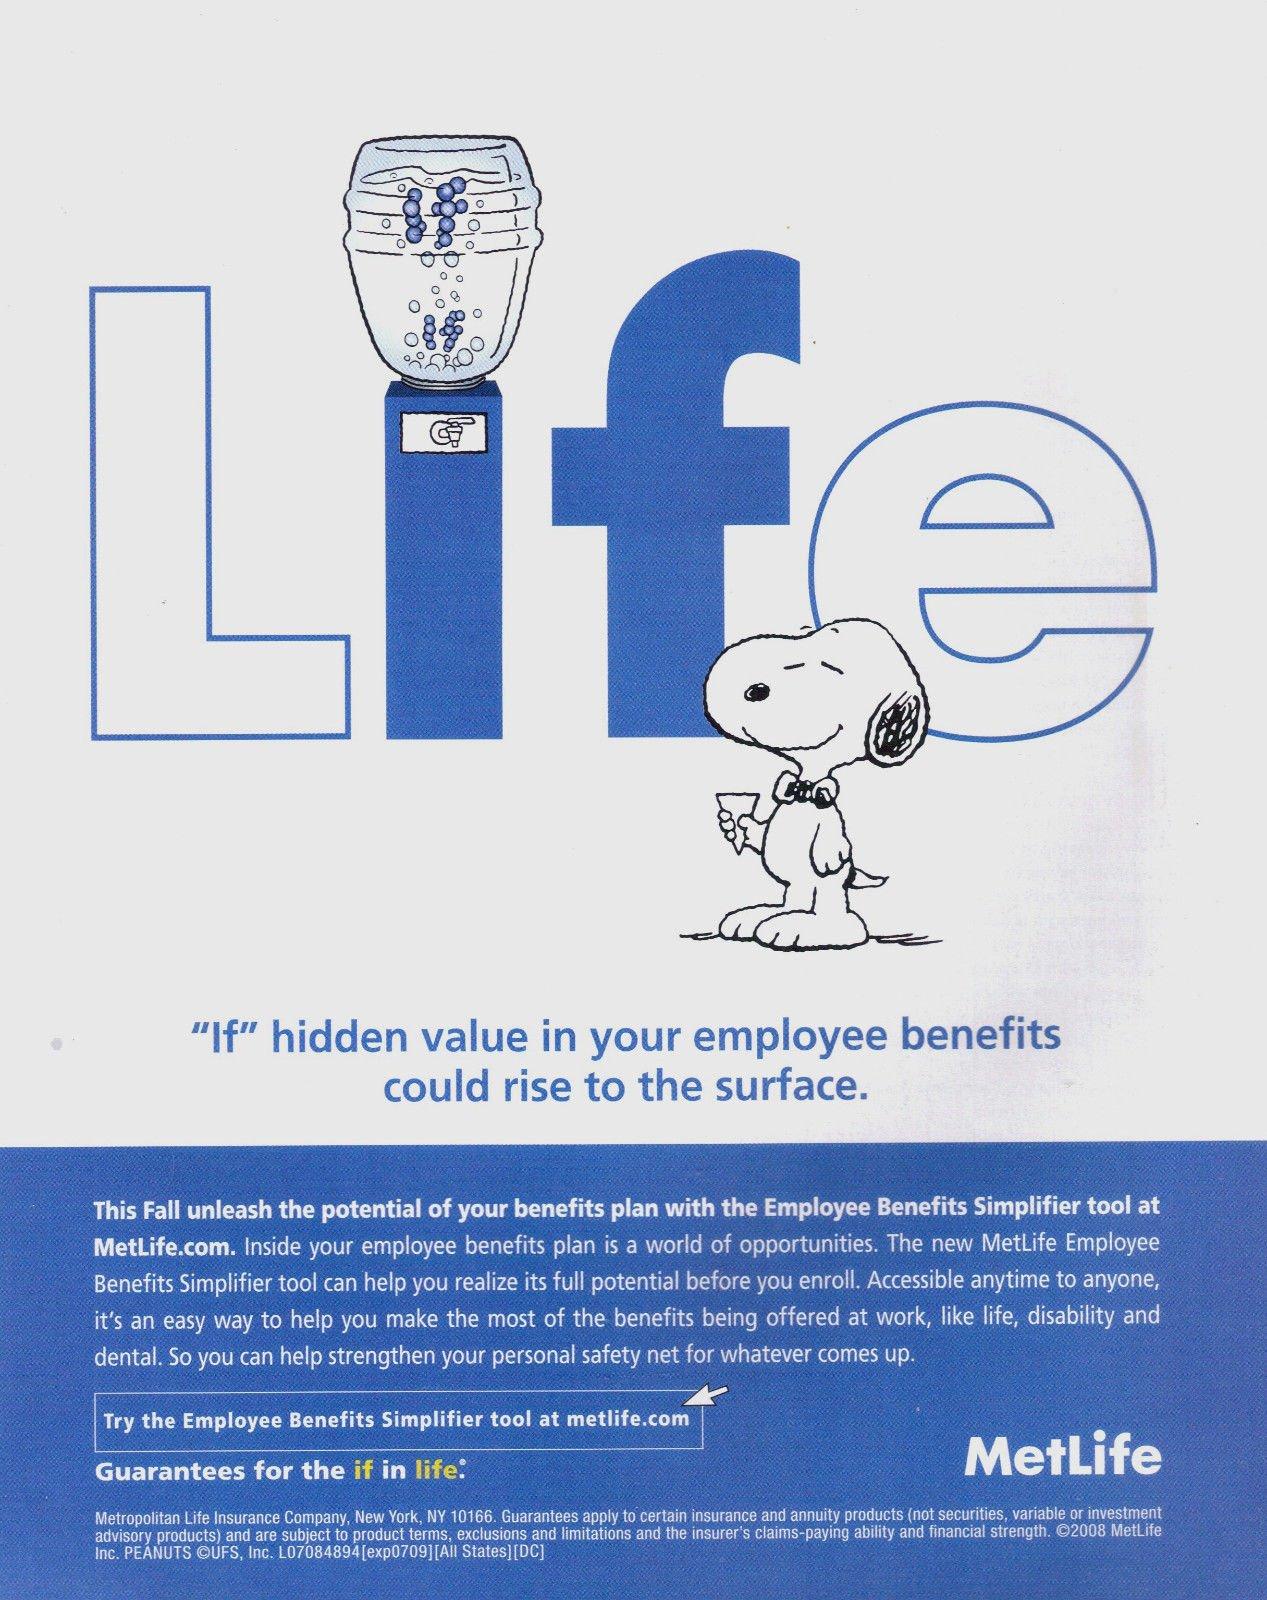 Buy Metlife Insurance Now!